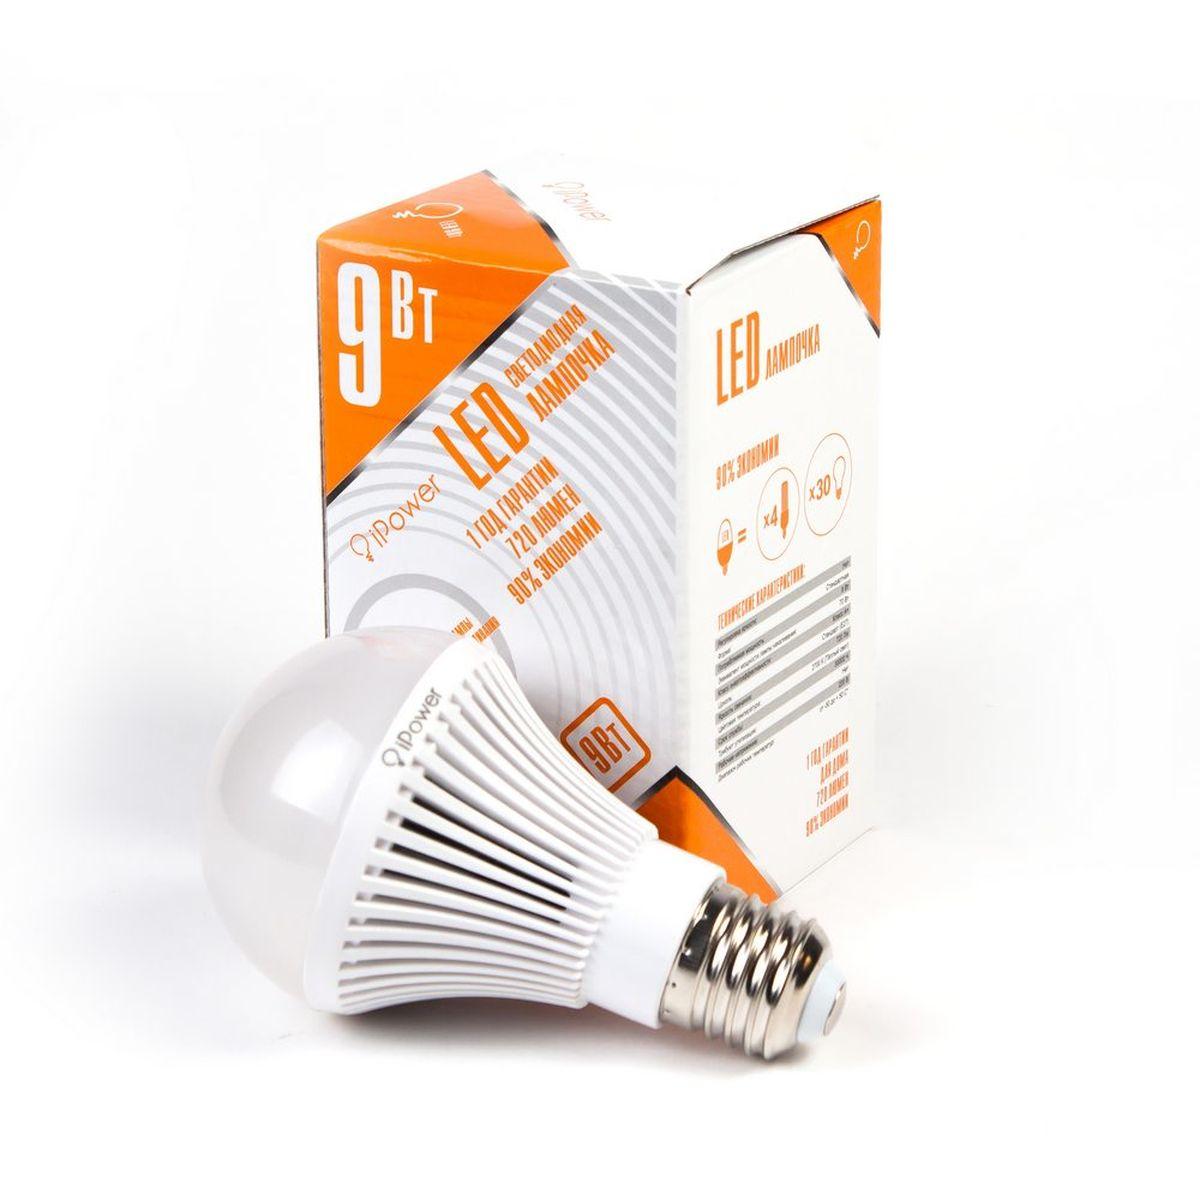 Лампа светодиодная iPower, цоколь Е27, 9W, 2700К1001952Светодиодная лампа iPower имеет очень низкое энергопотребление. В сравнении с лампами накаливания LED потребляет в 12 раз меньше электричества, а в сравнении с энергосберегающими - в 2-4 раза меньше. При этом срок службы LED лампочки в 5 раз выше, чем энергосберегающей, и в 50 раз выше, чем у лампы накаливания. Светодиодная лампа iPower создает мягкий рассеивающий свет без мерцаний, что совершенно безопасно для глаз. Она специально разработана по требованиям российских и европейских законов и подходит ко всем осветительным устройствам, совместимым со стандартным цоколем E27. Использование светодиодов от мирового лидера Epistar - это залог надежной и стабильной работы лампы. Теплый оттенок света лампы по световой температуре соответствует обычной лампе накаливания и позволит создать уют в доме и местах отдыха. Диапазон рабочих температур: от -50°C до +50°С. Материал: алюминий, поликарбонат. Потребляемая мощность: 9 Вт. Рабочее напряжение: 220В. ...